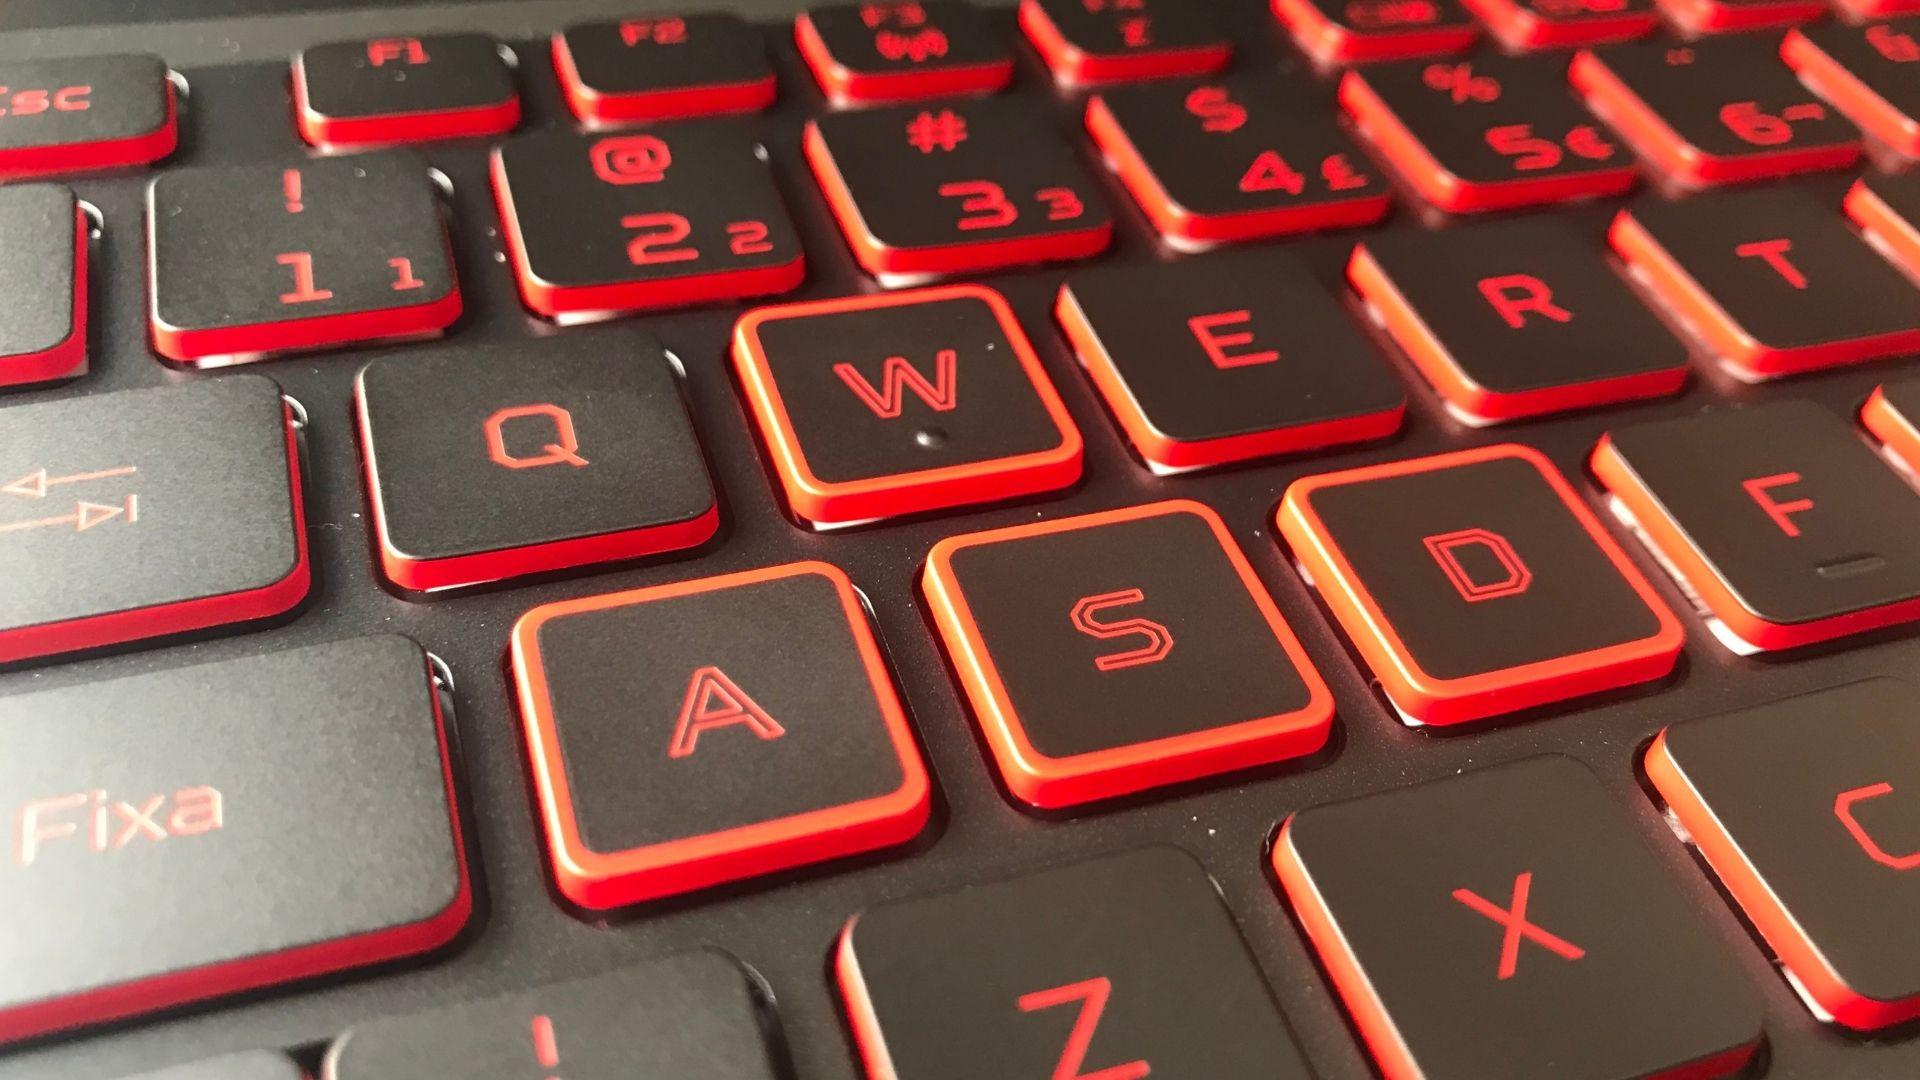 As teclas A, S, W e D têm detalhes reforçados em vermelho, já que são muito importantes para gamers (Foto: Guilherme Toscano)